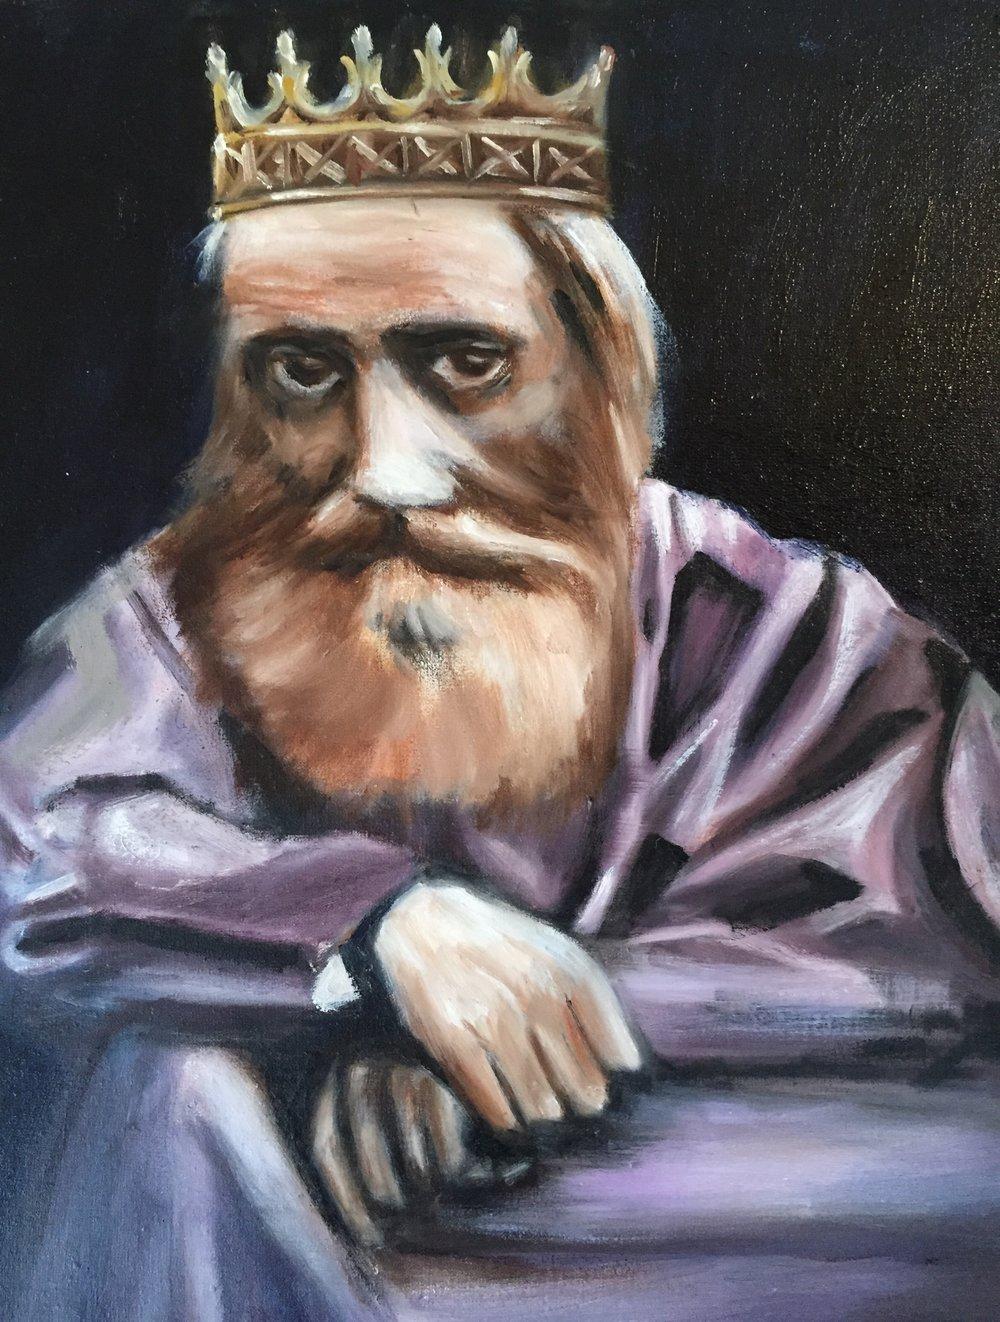 King David Near Death.JPG